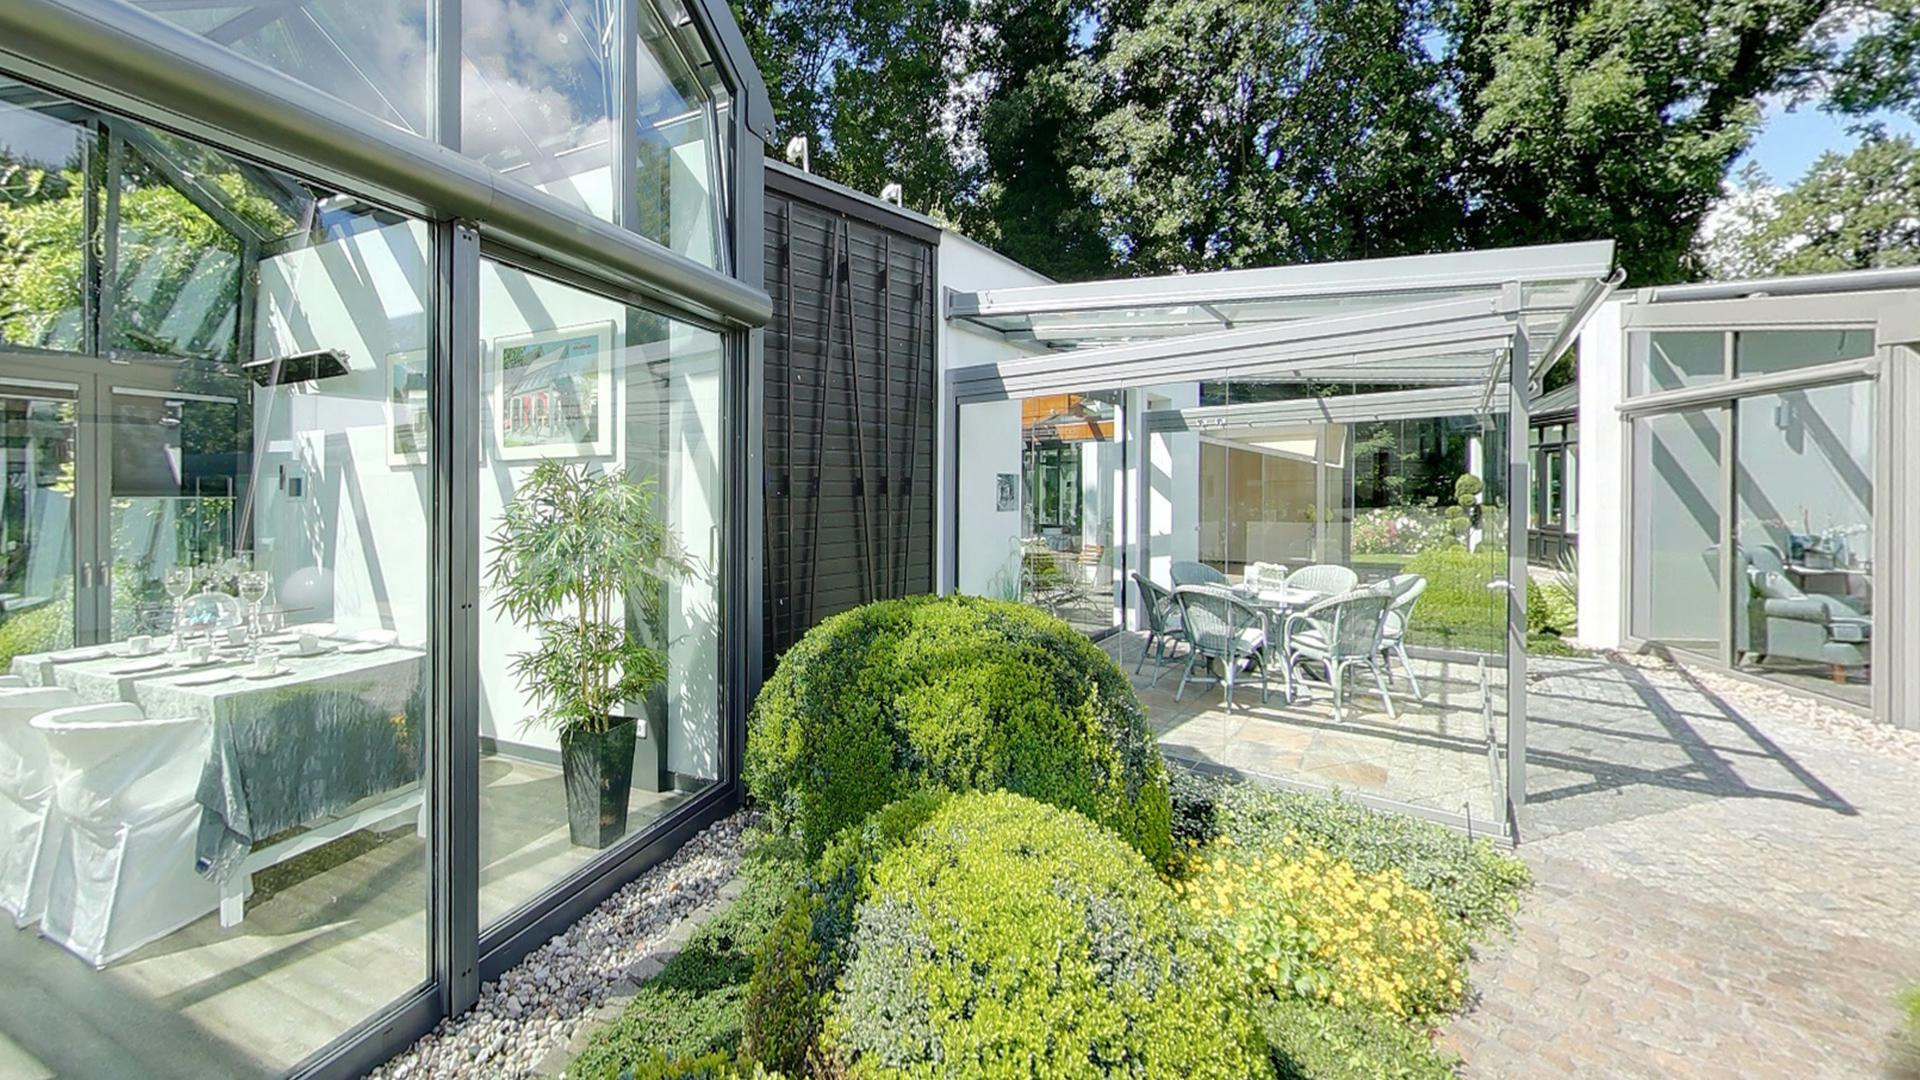 Drei großflächig verglaste Wintergärten in der Ausstellung von Dürbusch in Potsdamm